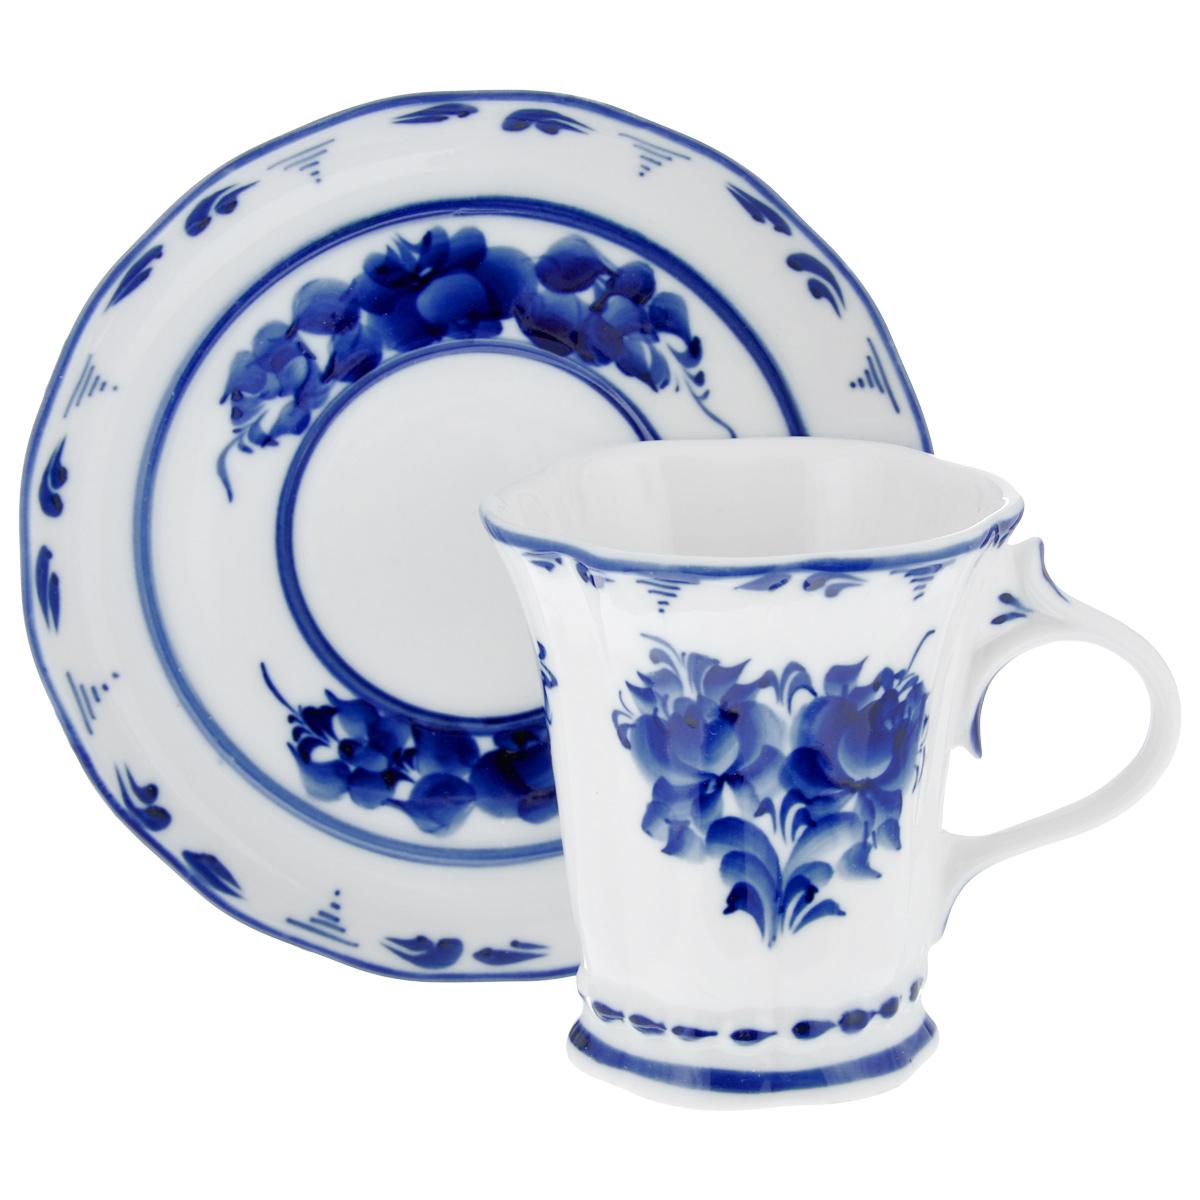 Чайная пара Катерина, цвет: белый, синий, 2 предмета. 993010111993010111Чайная пара Катерина состоит из чашки и блюдца, изготовленных из фарфора белого цвета, и расписаны вручную. Яркий дизайн, несомненно, придется вам по вкусу. Чайная пара Катерина украсит ваш кухонный стол, а также станет замечательным подарком к любому празднику. Не применять абразивные чистящие средства. Не использовать в микроволновой печи. Мыть с применением нейтральных моющих средств. Не рекомендуется использовать в посудомоечных машинах. Объем чашки: 250 мл. Диаметр чашки по верхнему краю: 8,5 см. Диаметр основания: 6 см. Высота чашки: 9,5 см. Диаметр блюдца: 15,5 см.